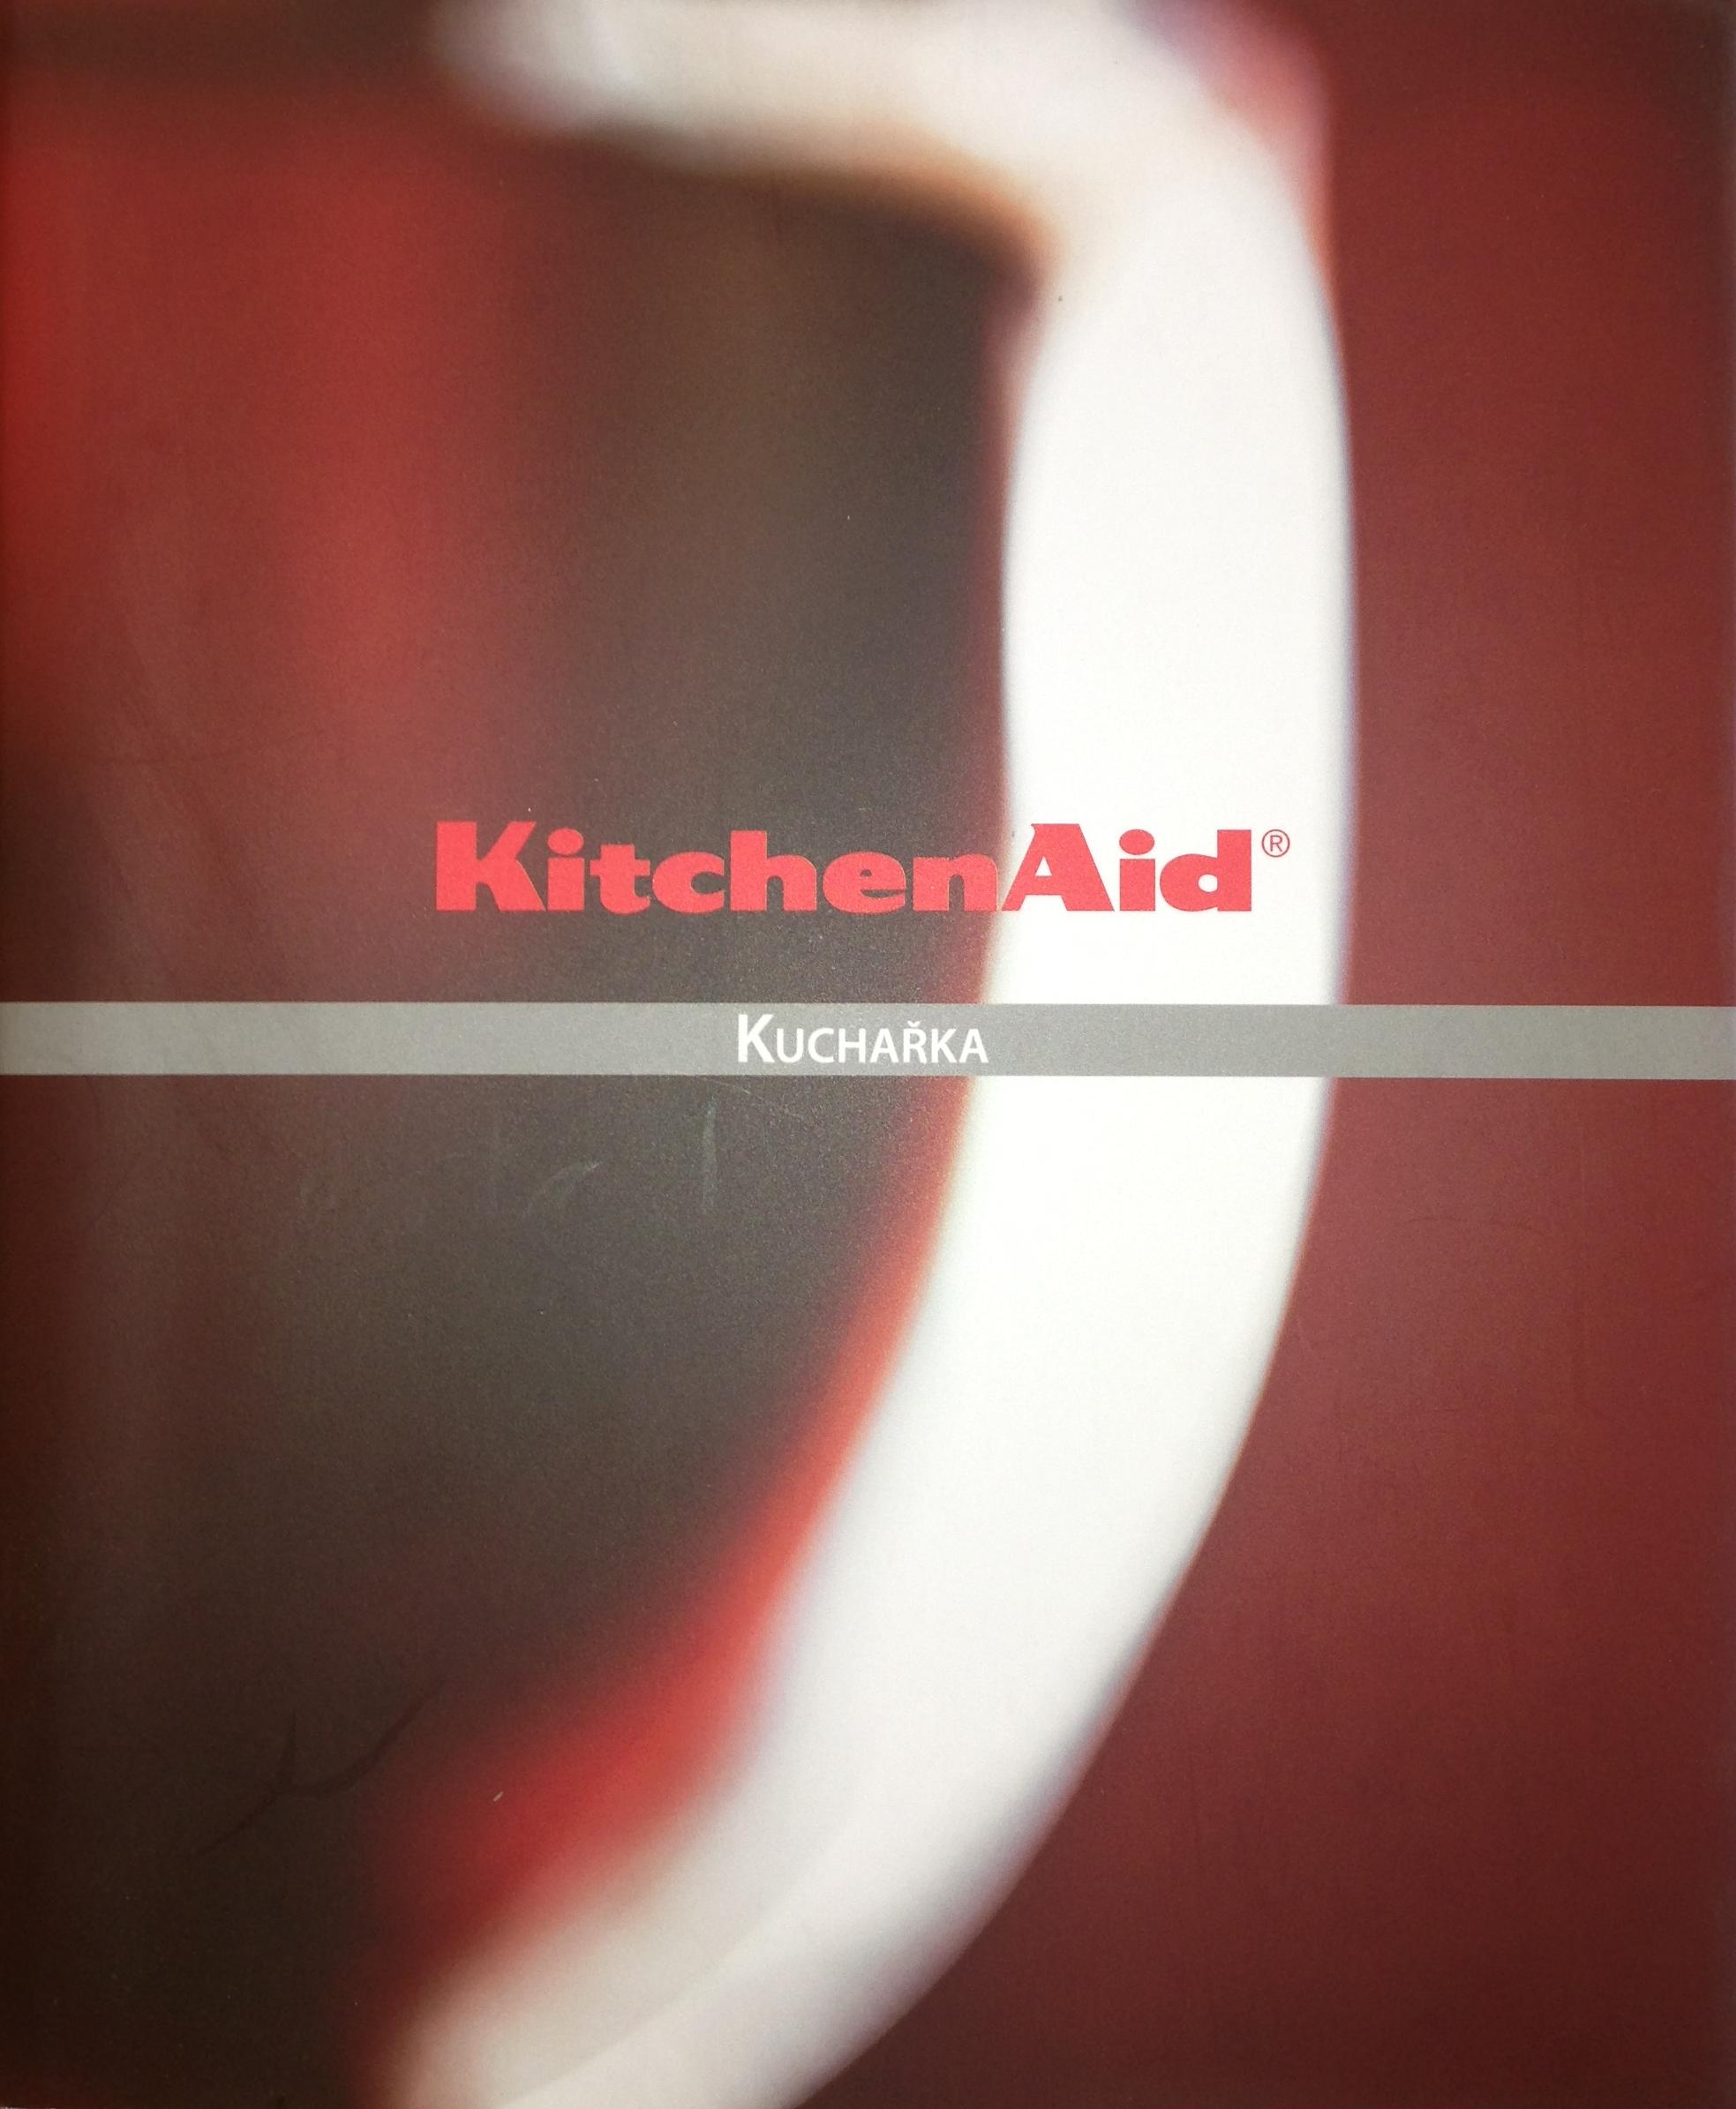 kuchařka kitchenaid